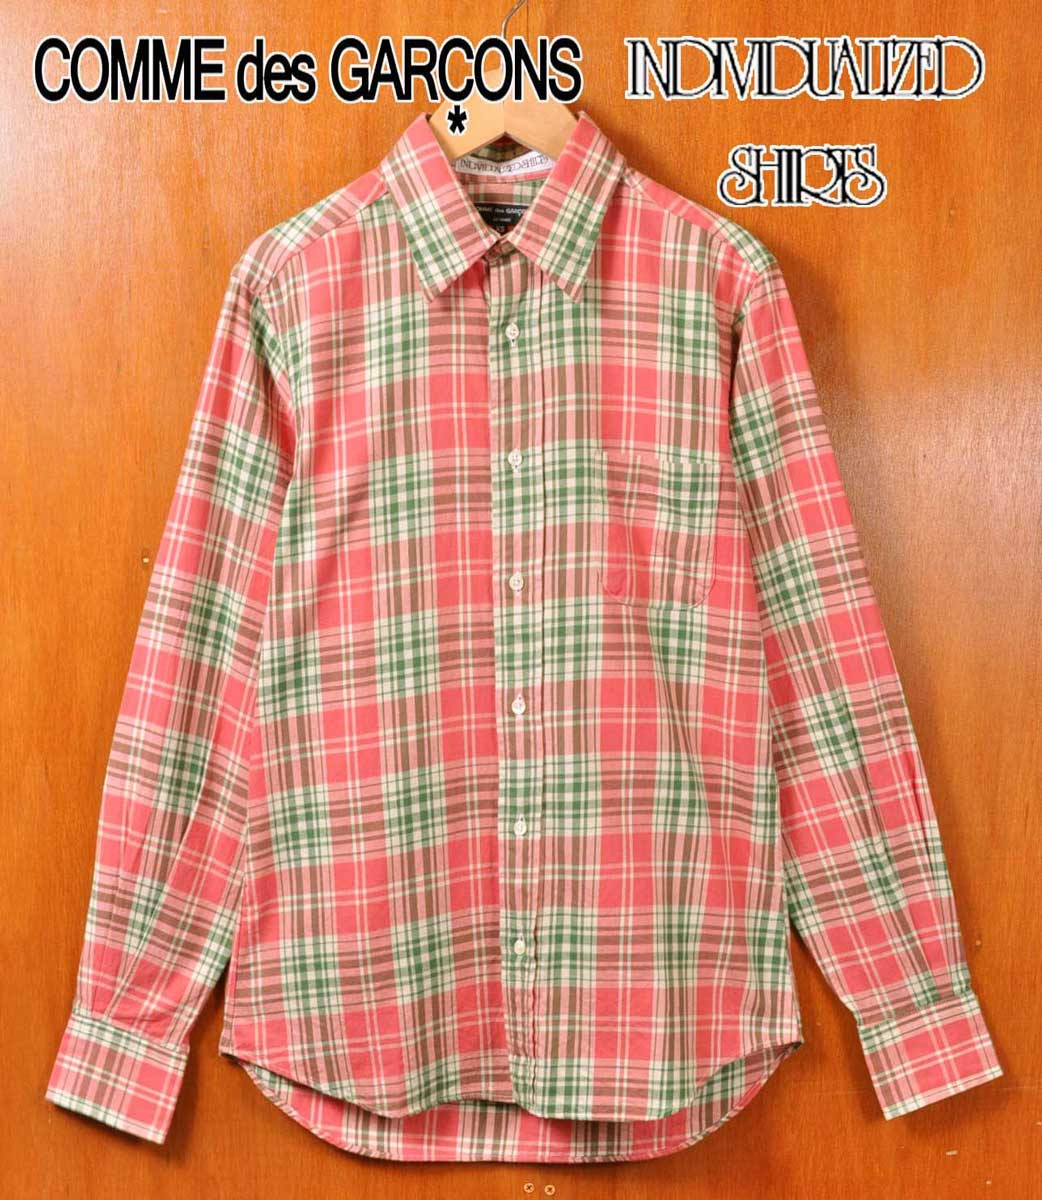 トップス, カジュアルシャツ 2013 USA COMME des GARCONS HOMMEindividualized shirts XS